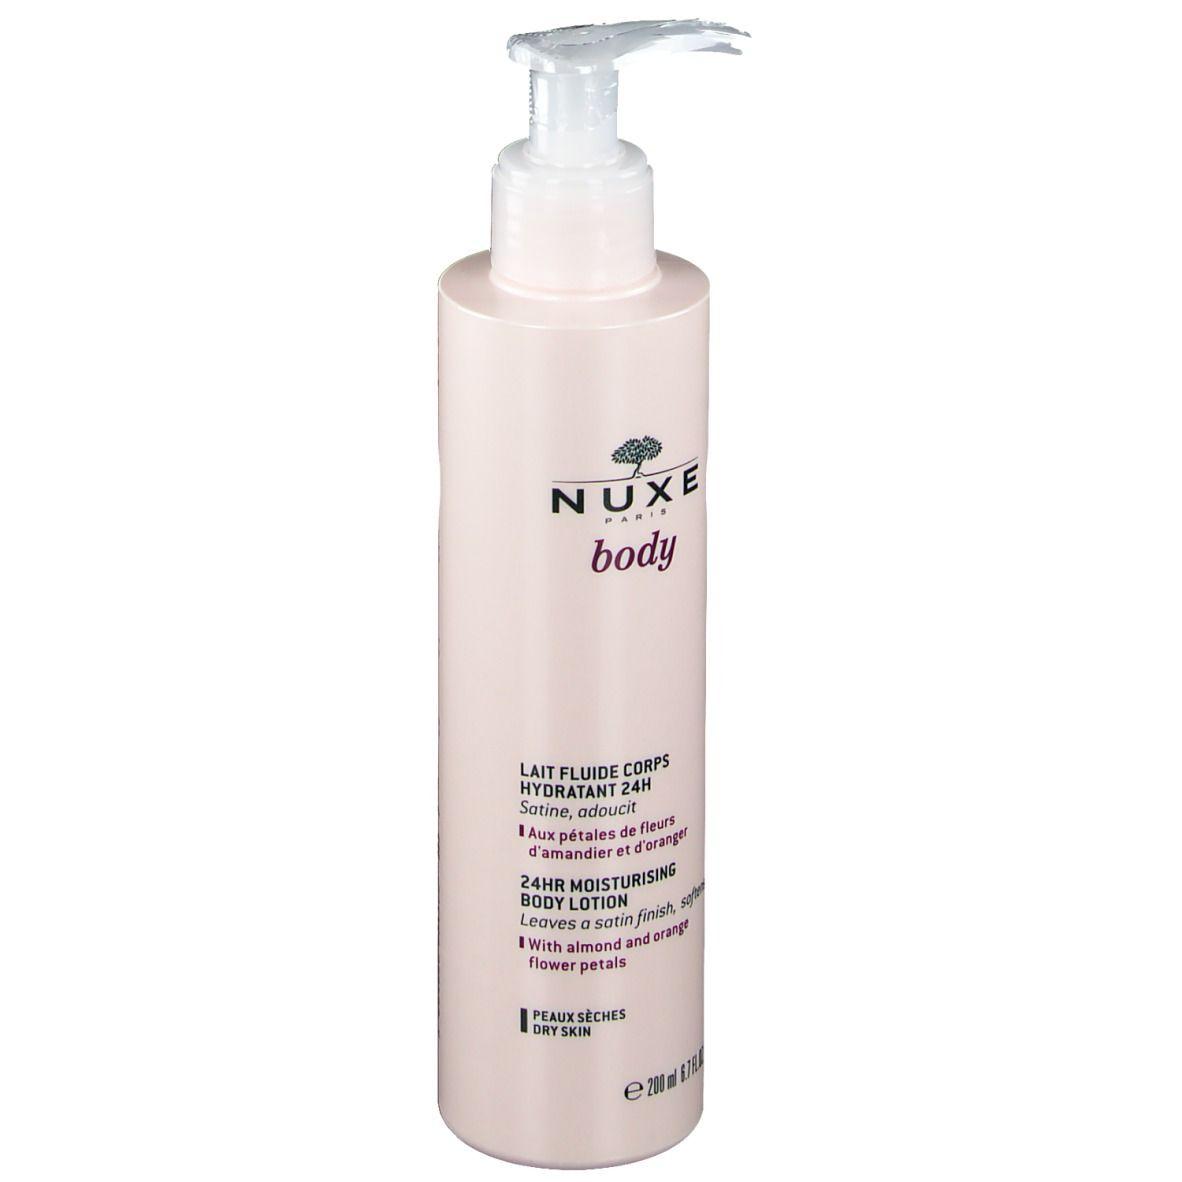 NUXE body Feuchtigkeits-Bodylotion